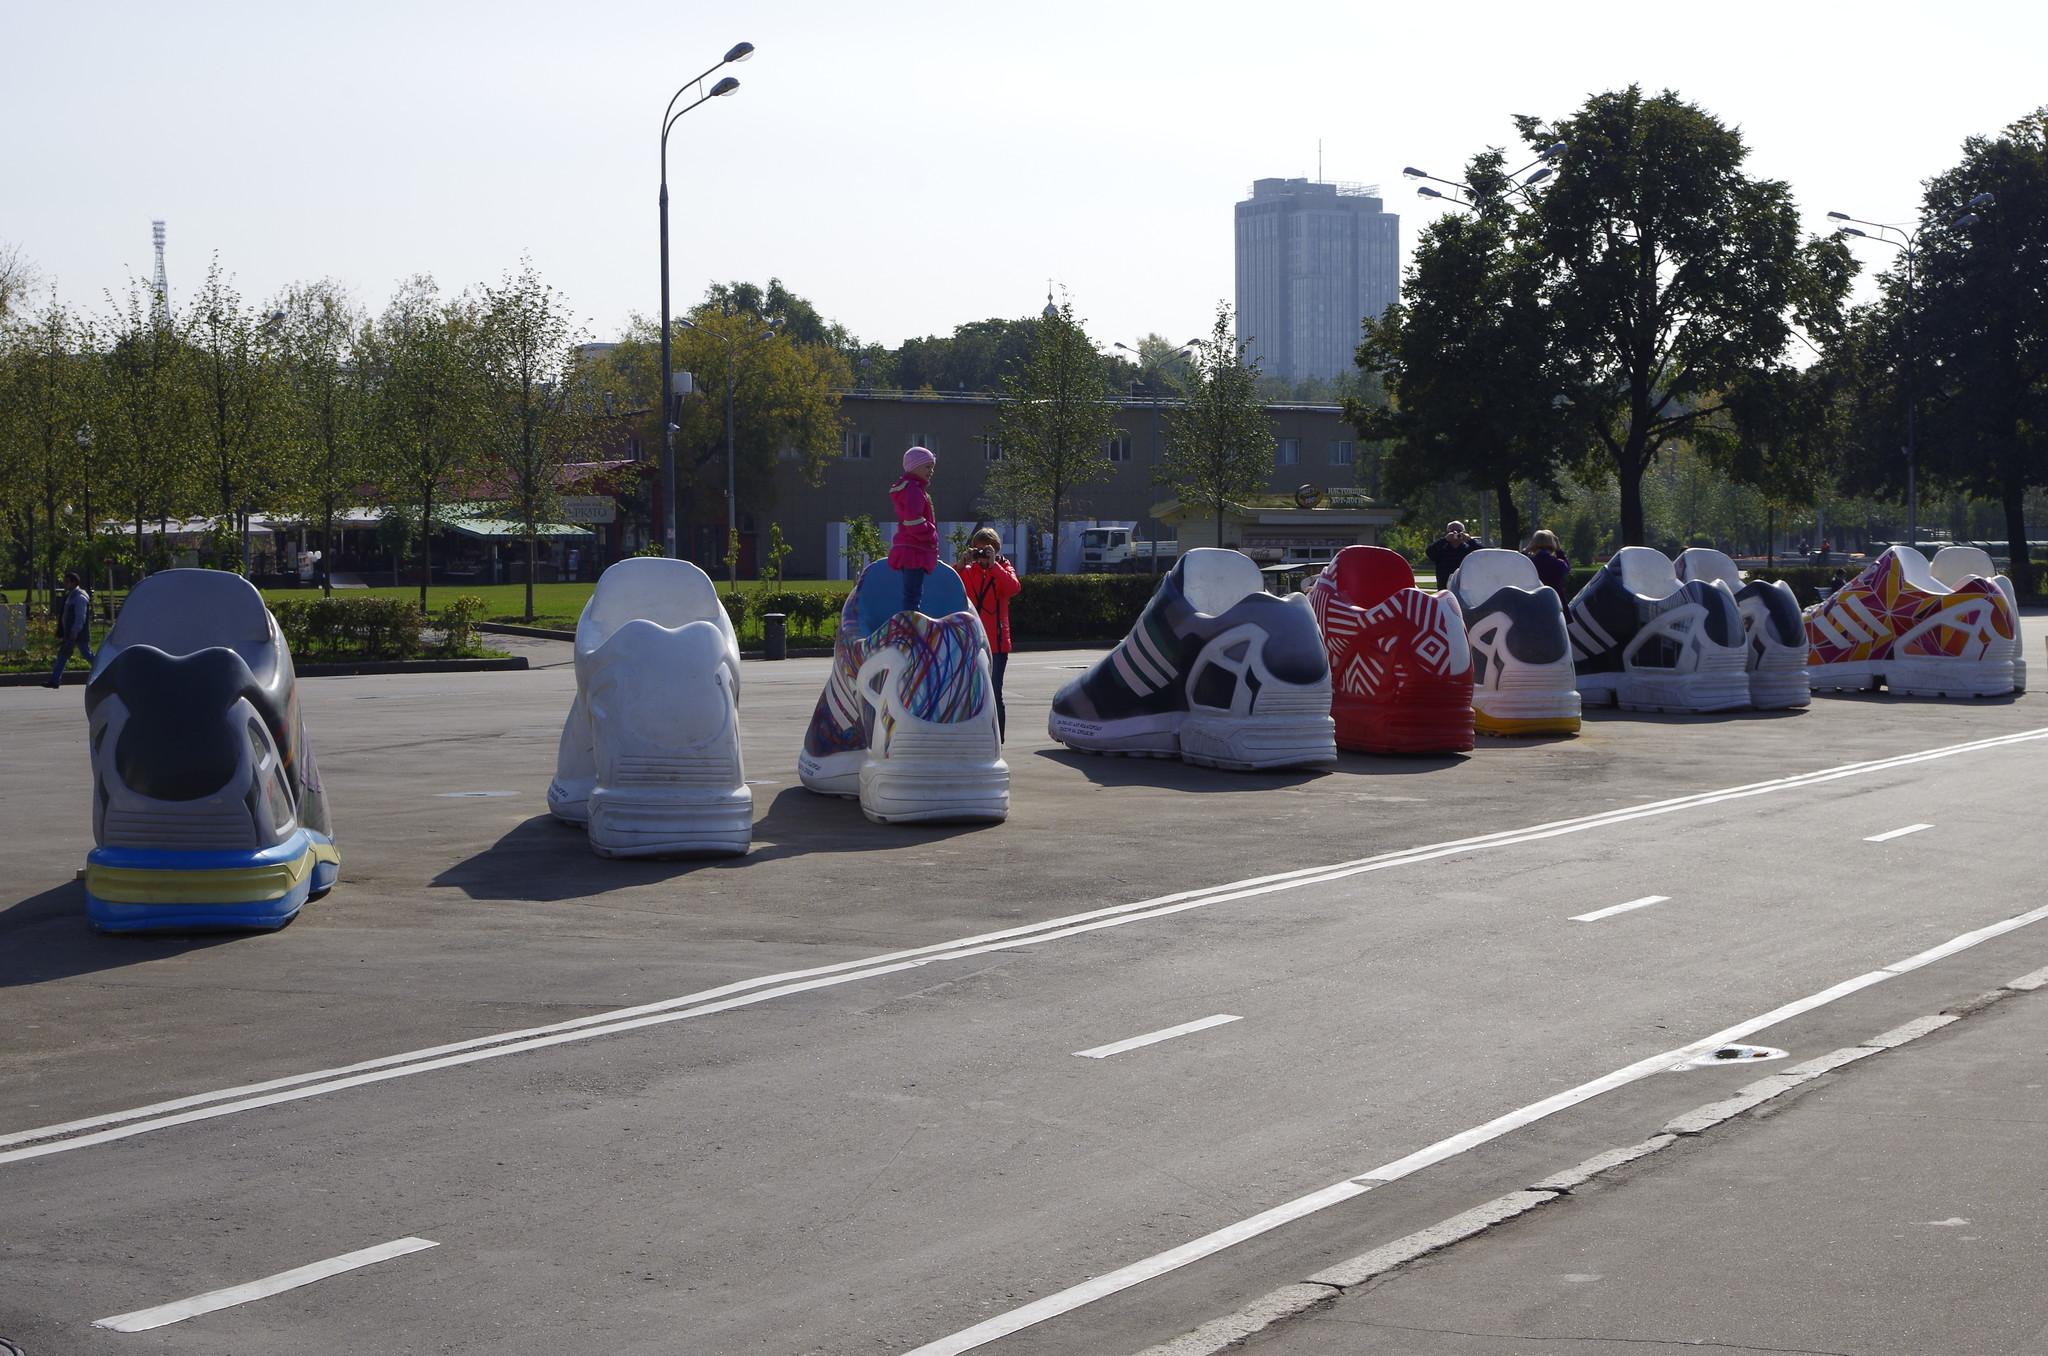 В рамках проекта «Ода городу» в Парке Горького уже появились гигантские кроссовки